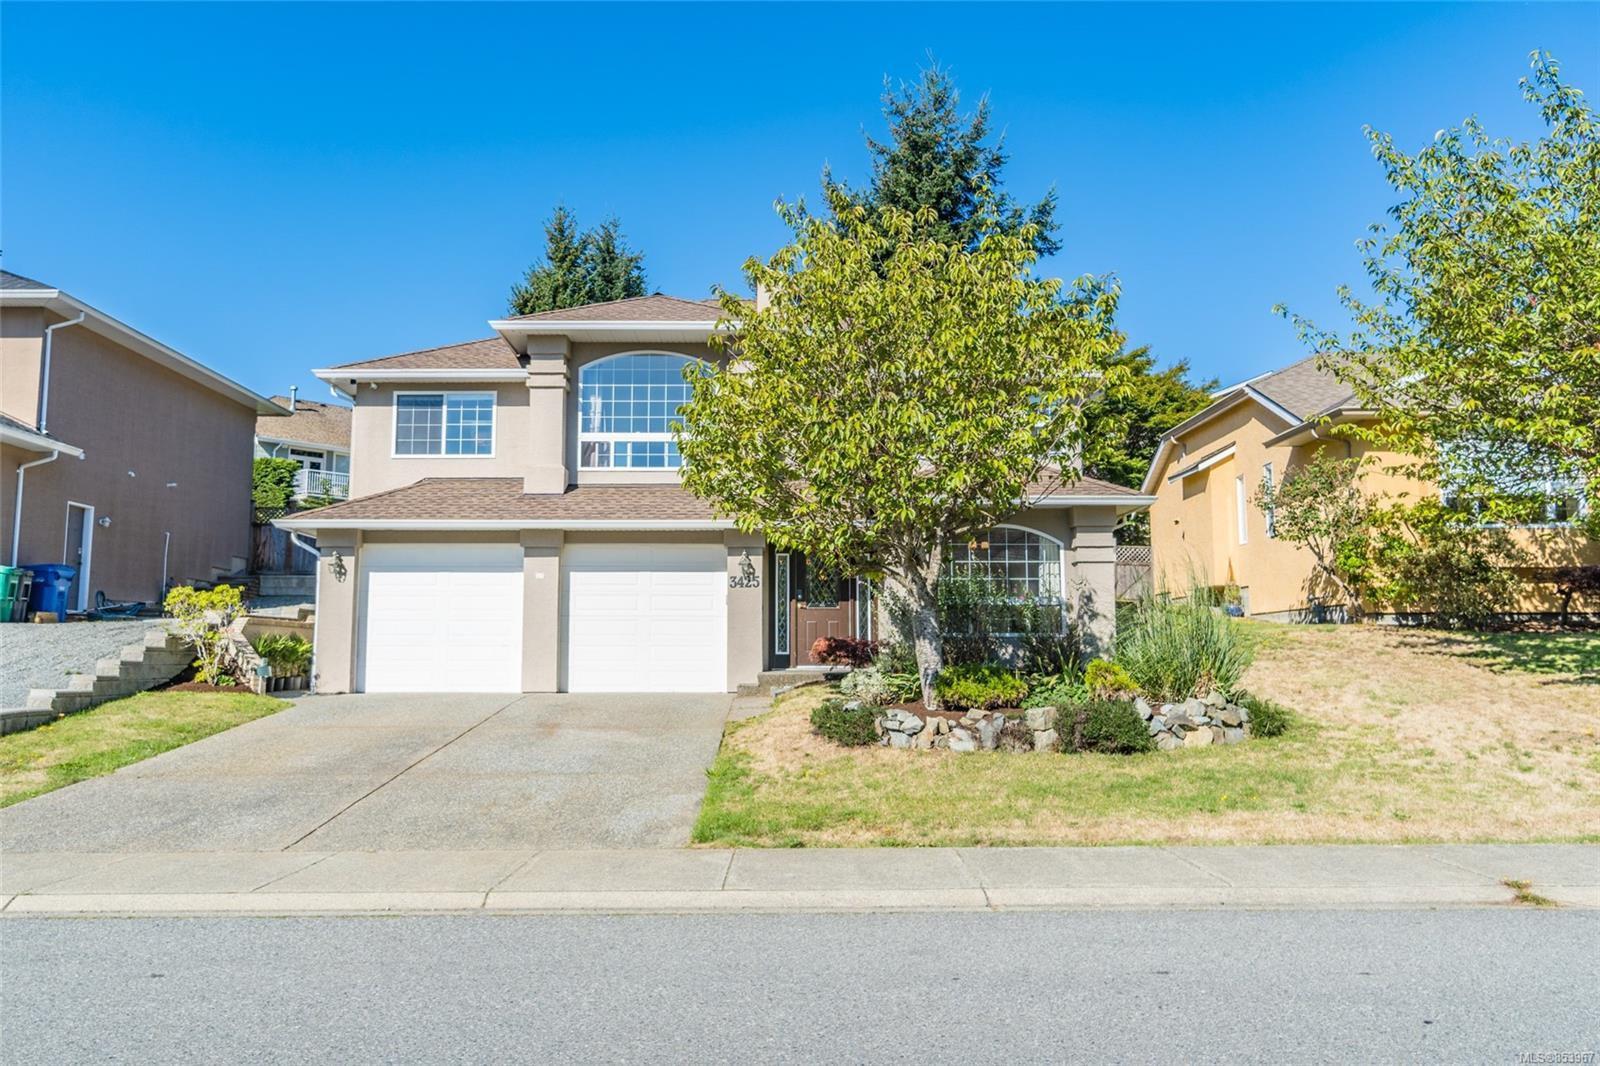 Main Photo: 3425 Planta Rd in : Na North Nanaimo Single Family Detached for sale (Nanaimo)  : MLS®# 853967